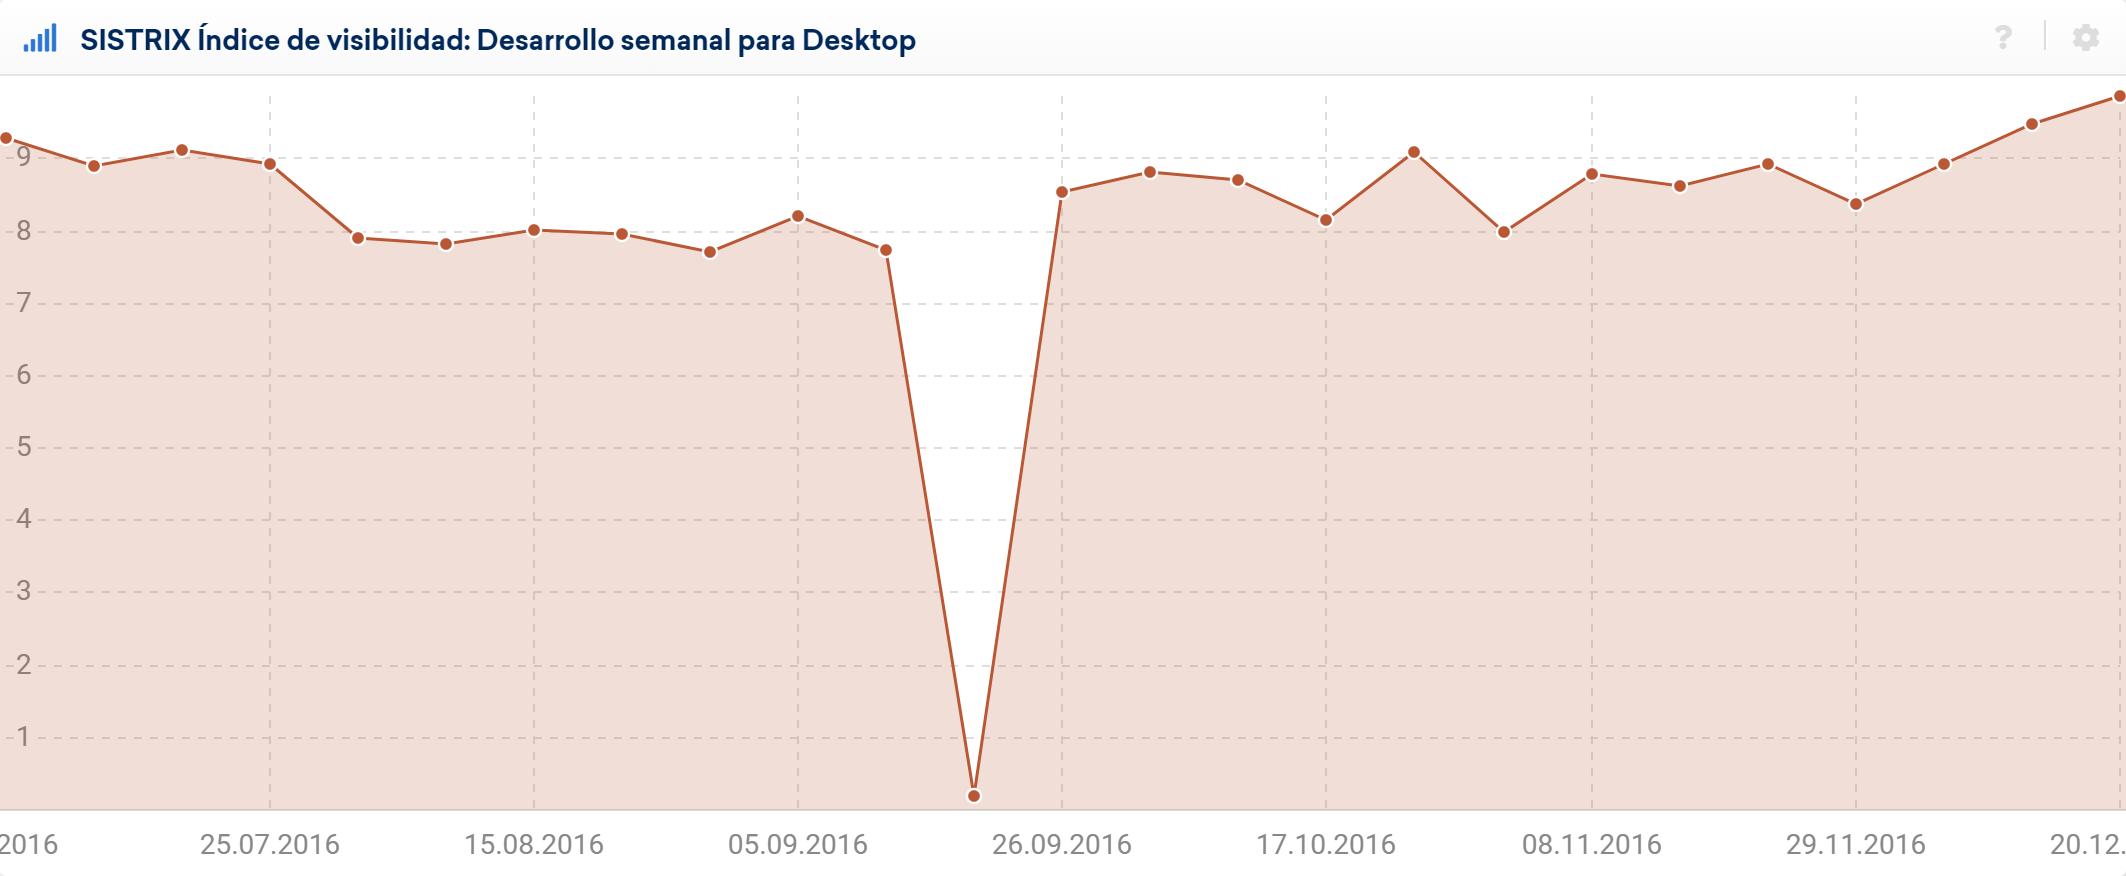 Datos precisos de un ejemplo de una caída masiva de la visibilidad en un dominio en la semana del 19.09.2016 mediante el Índice de visibilidad SISTRIX